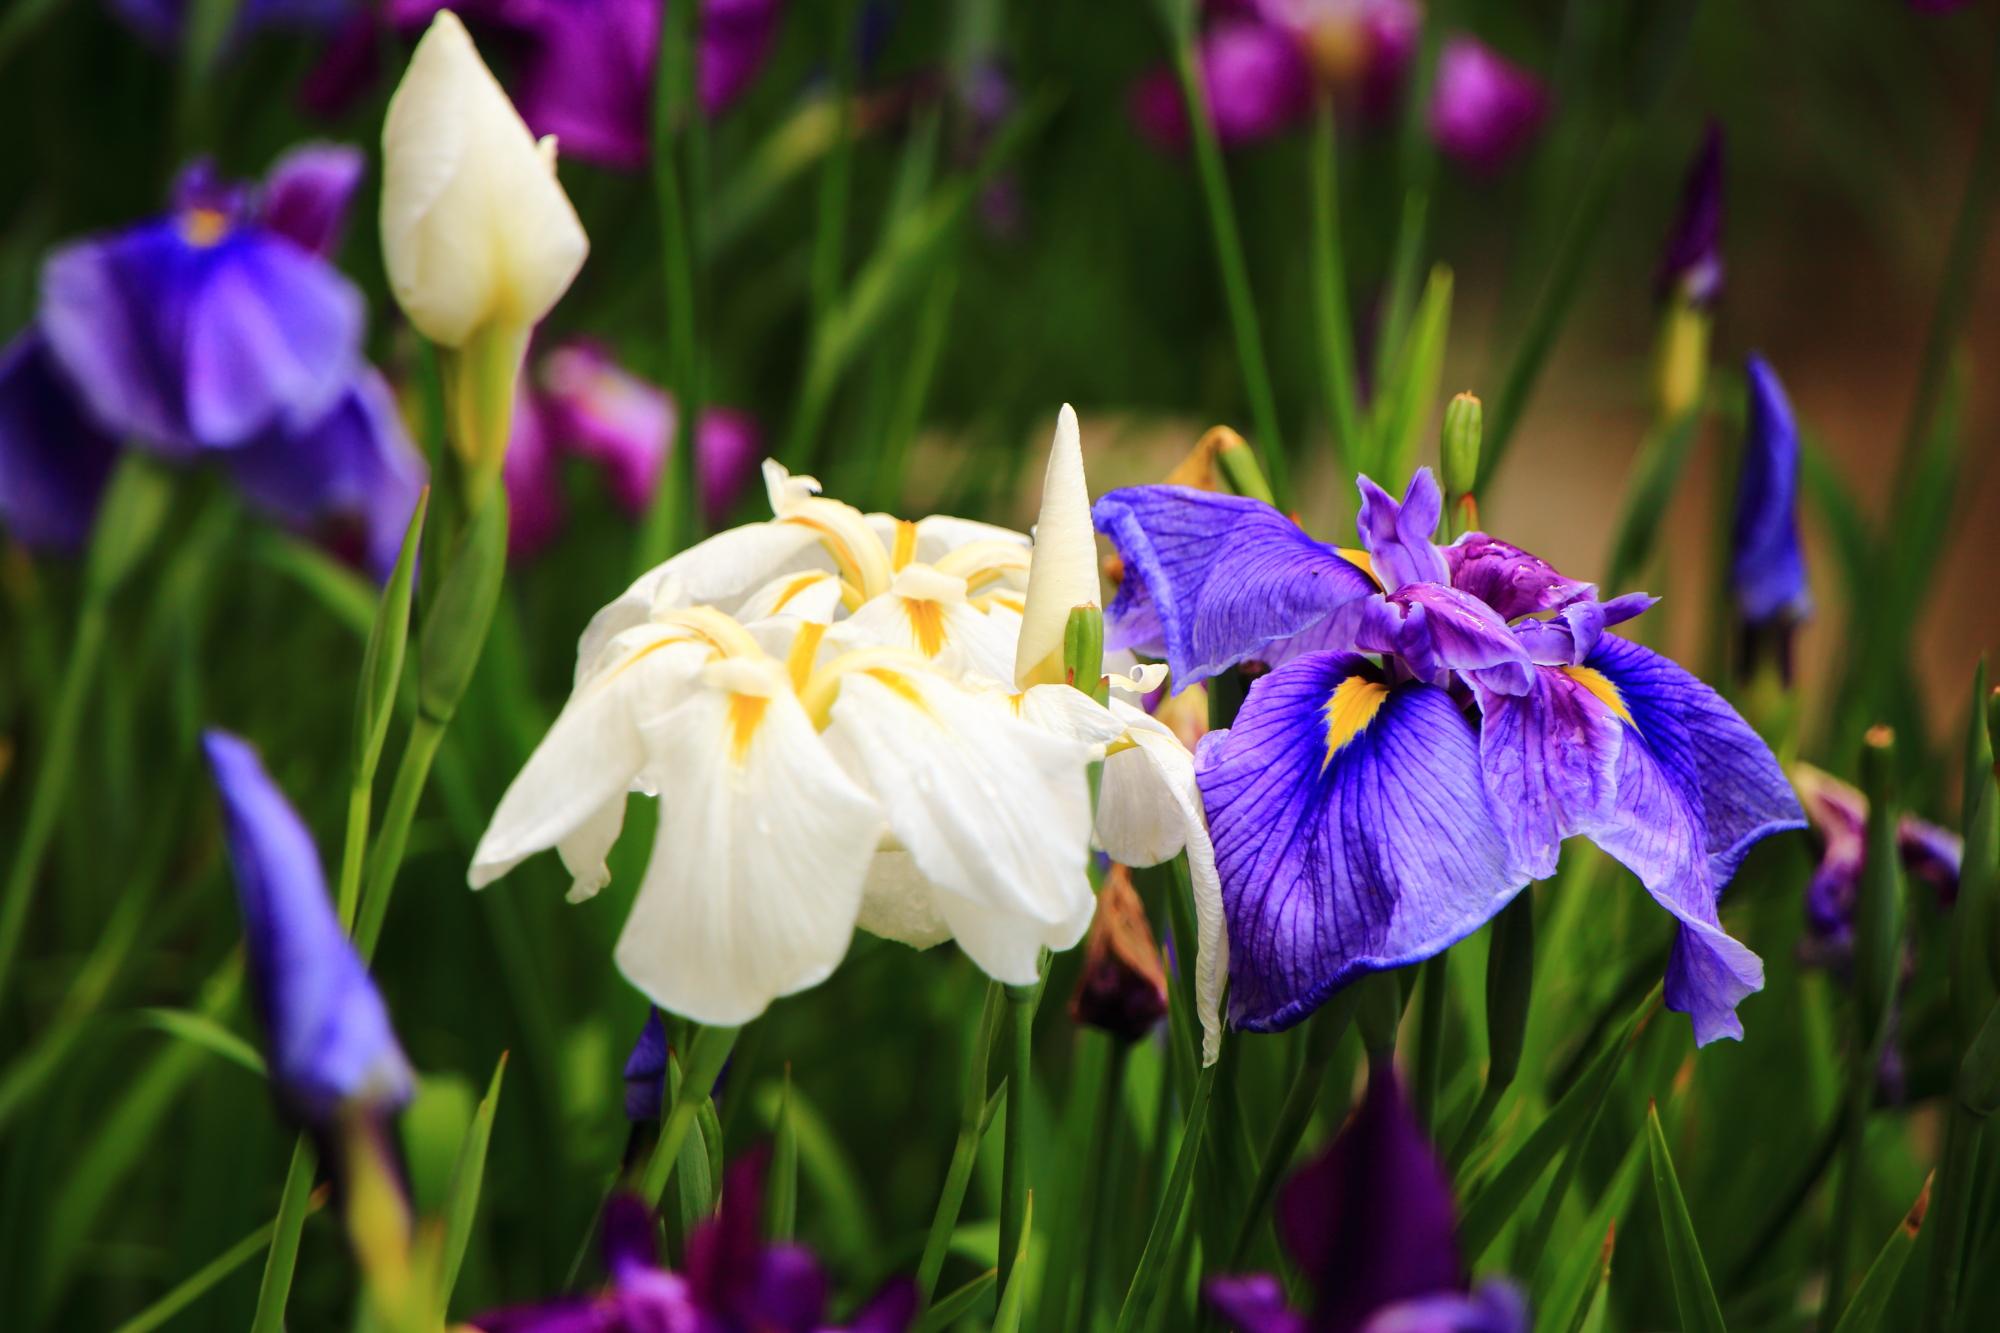 初夏の神苑を彩る色とりどりの花菖蒲